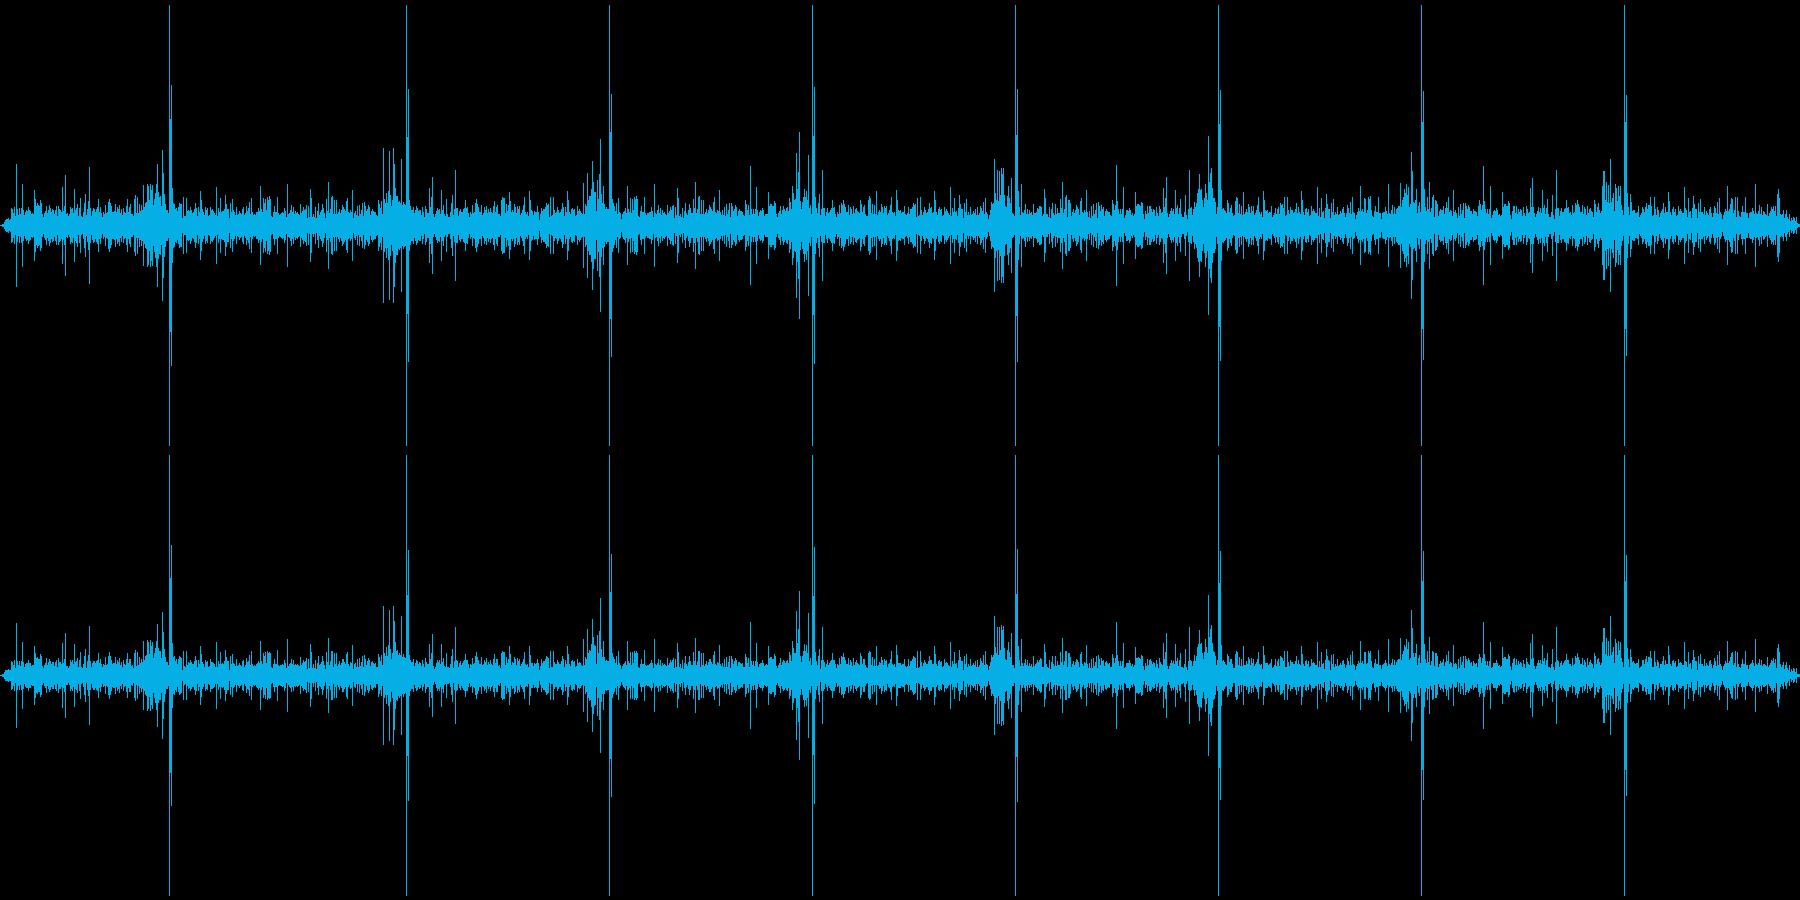 水流とししおどしの環境音の再生済みの波形